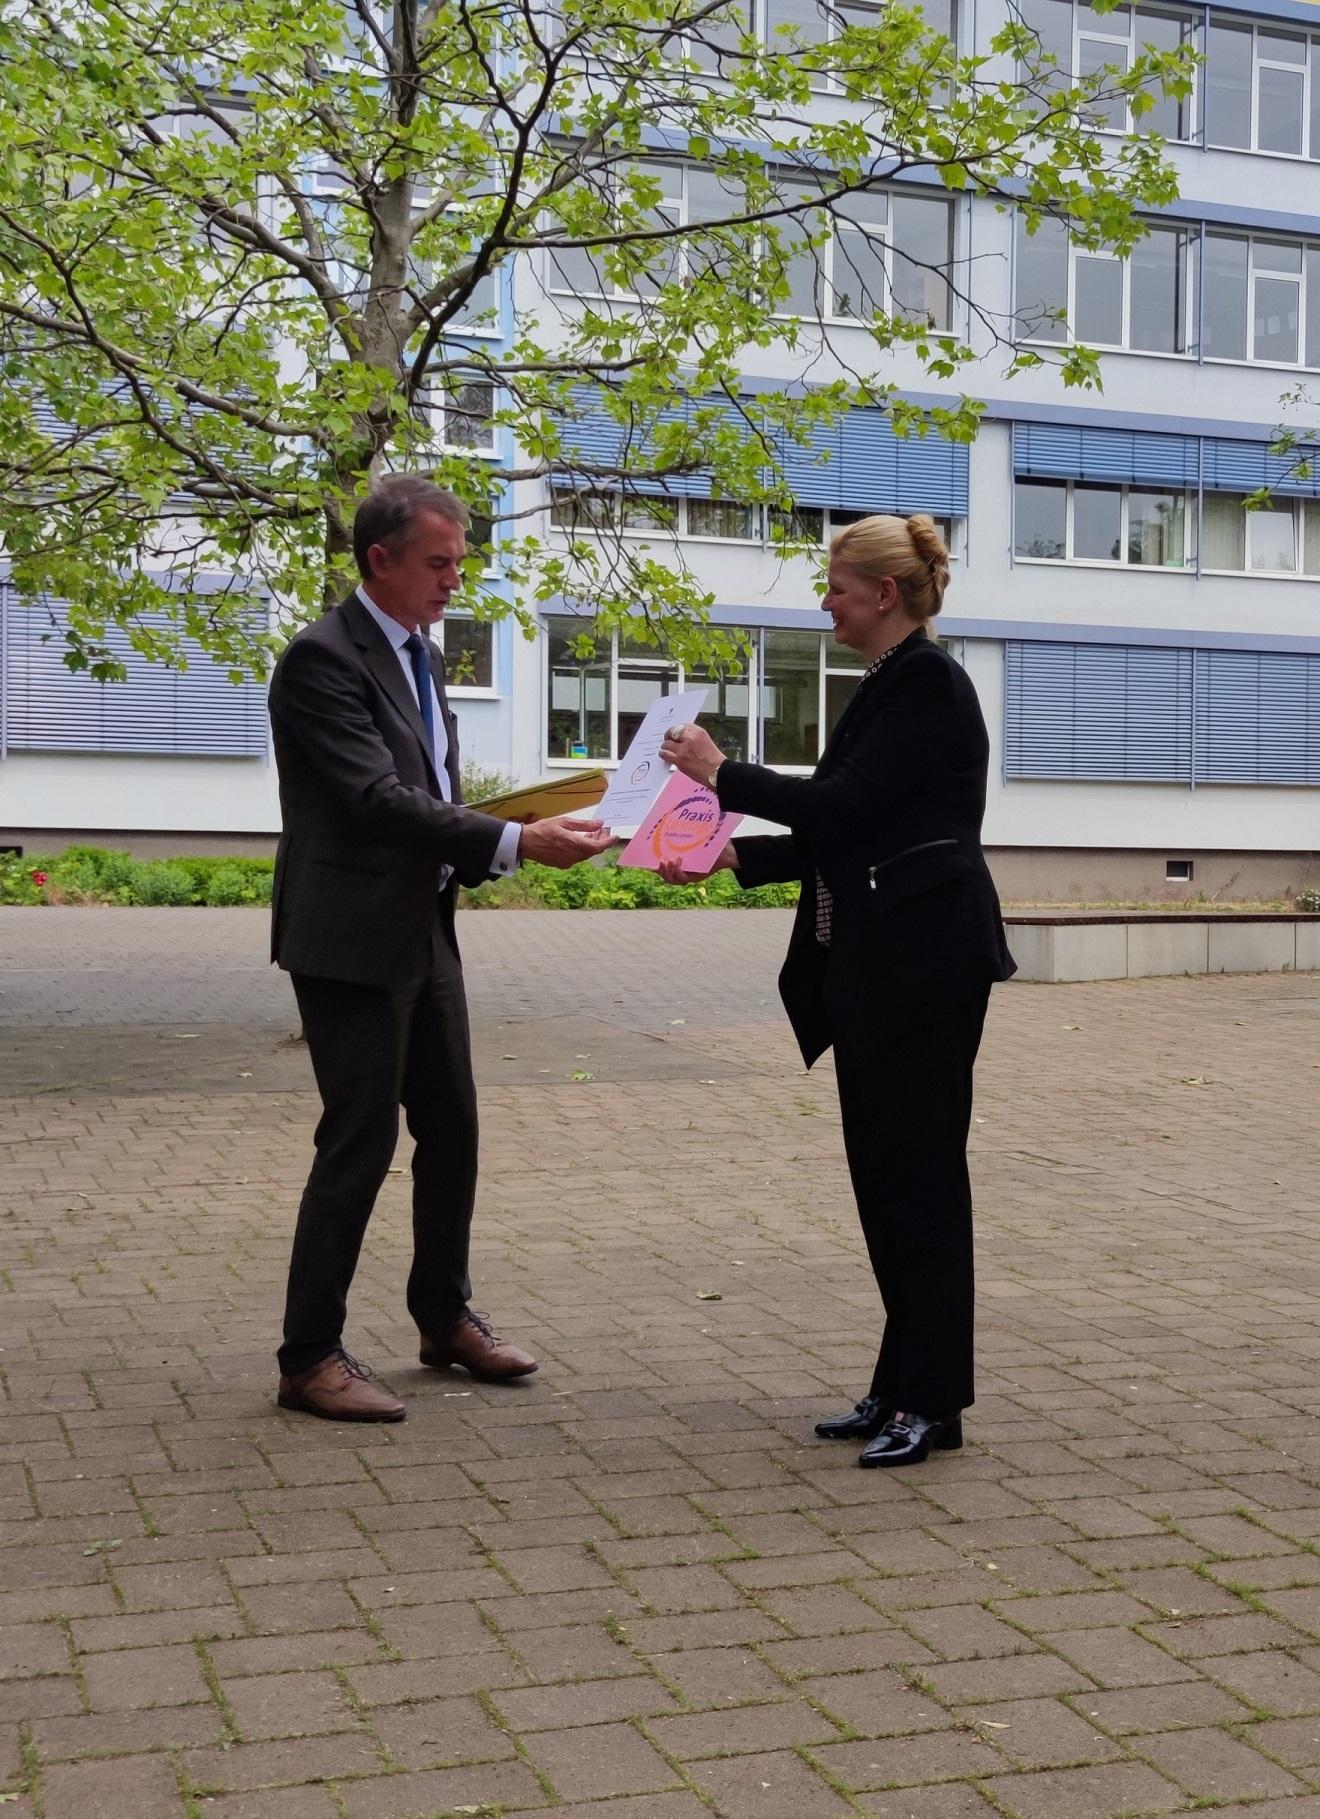 Siegelübergabe durch den Bildungsminister Marco Tullner